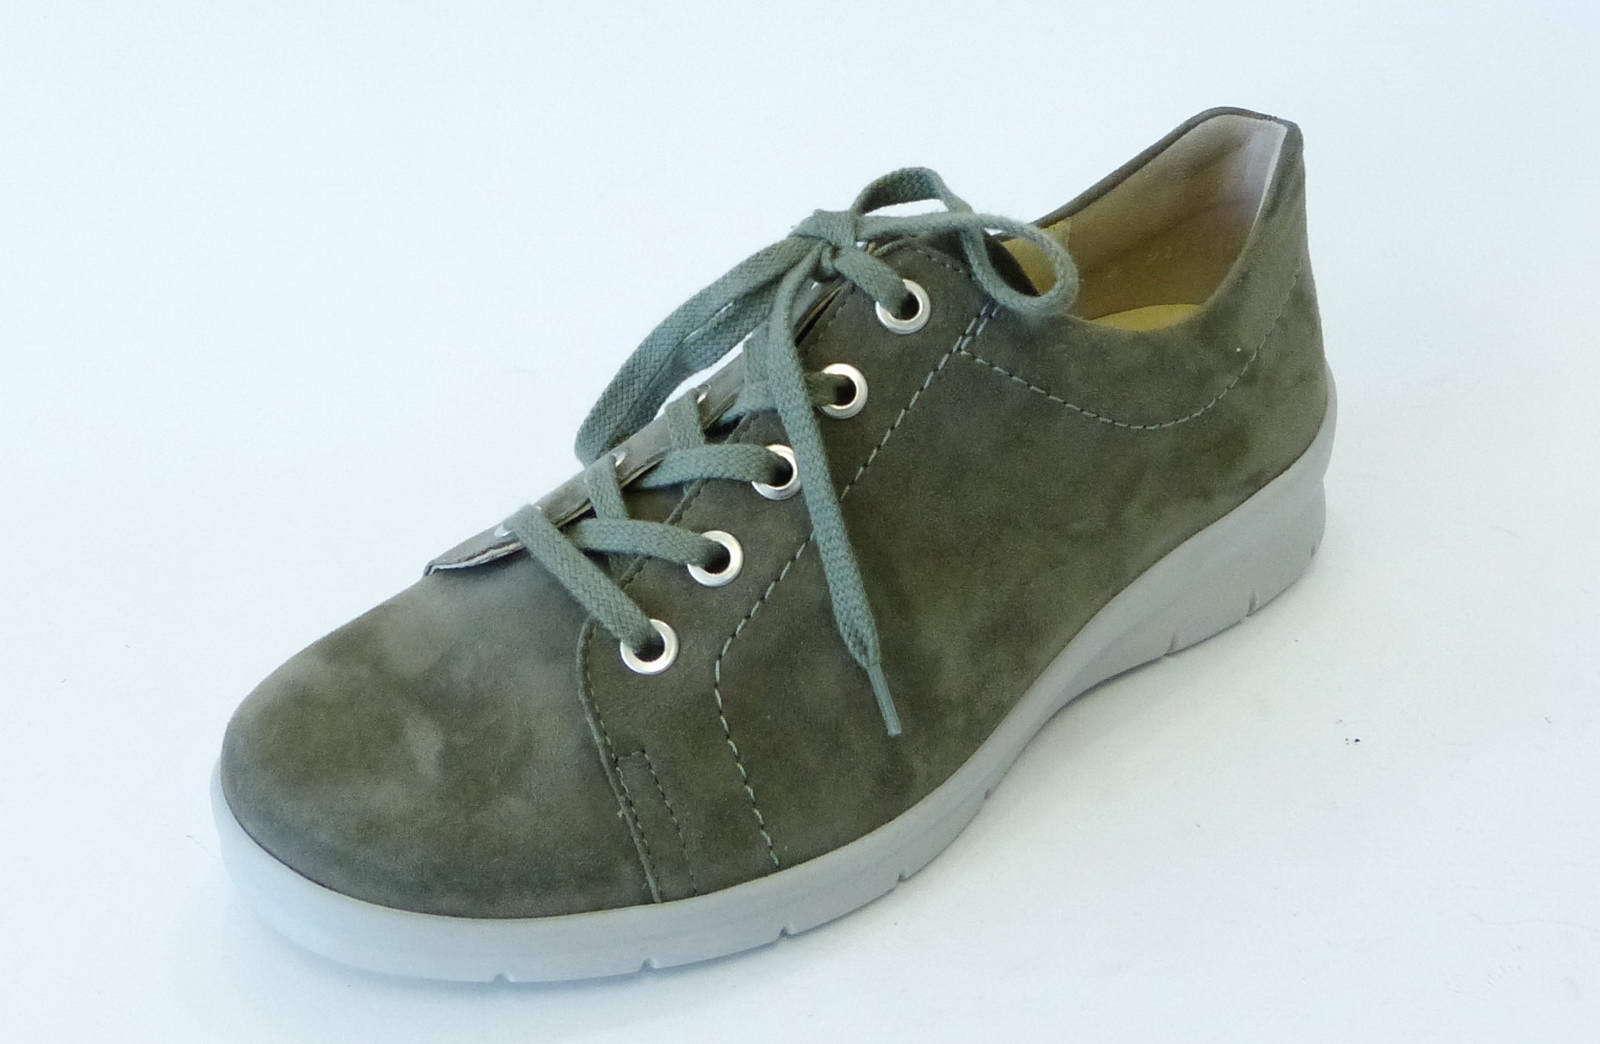 Semler semi semi semi zapato Xenia verde juncos nobuck ancho de cuero H con cordones x2015042 088  conveniente